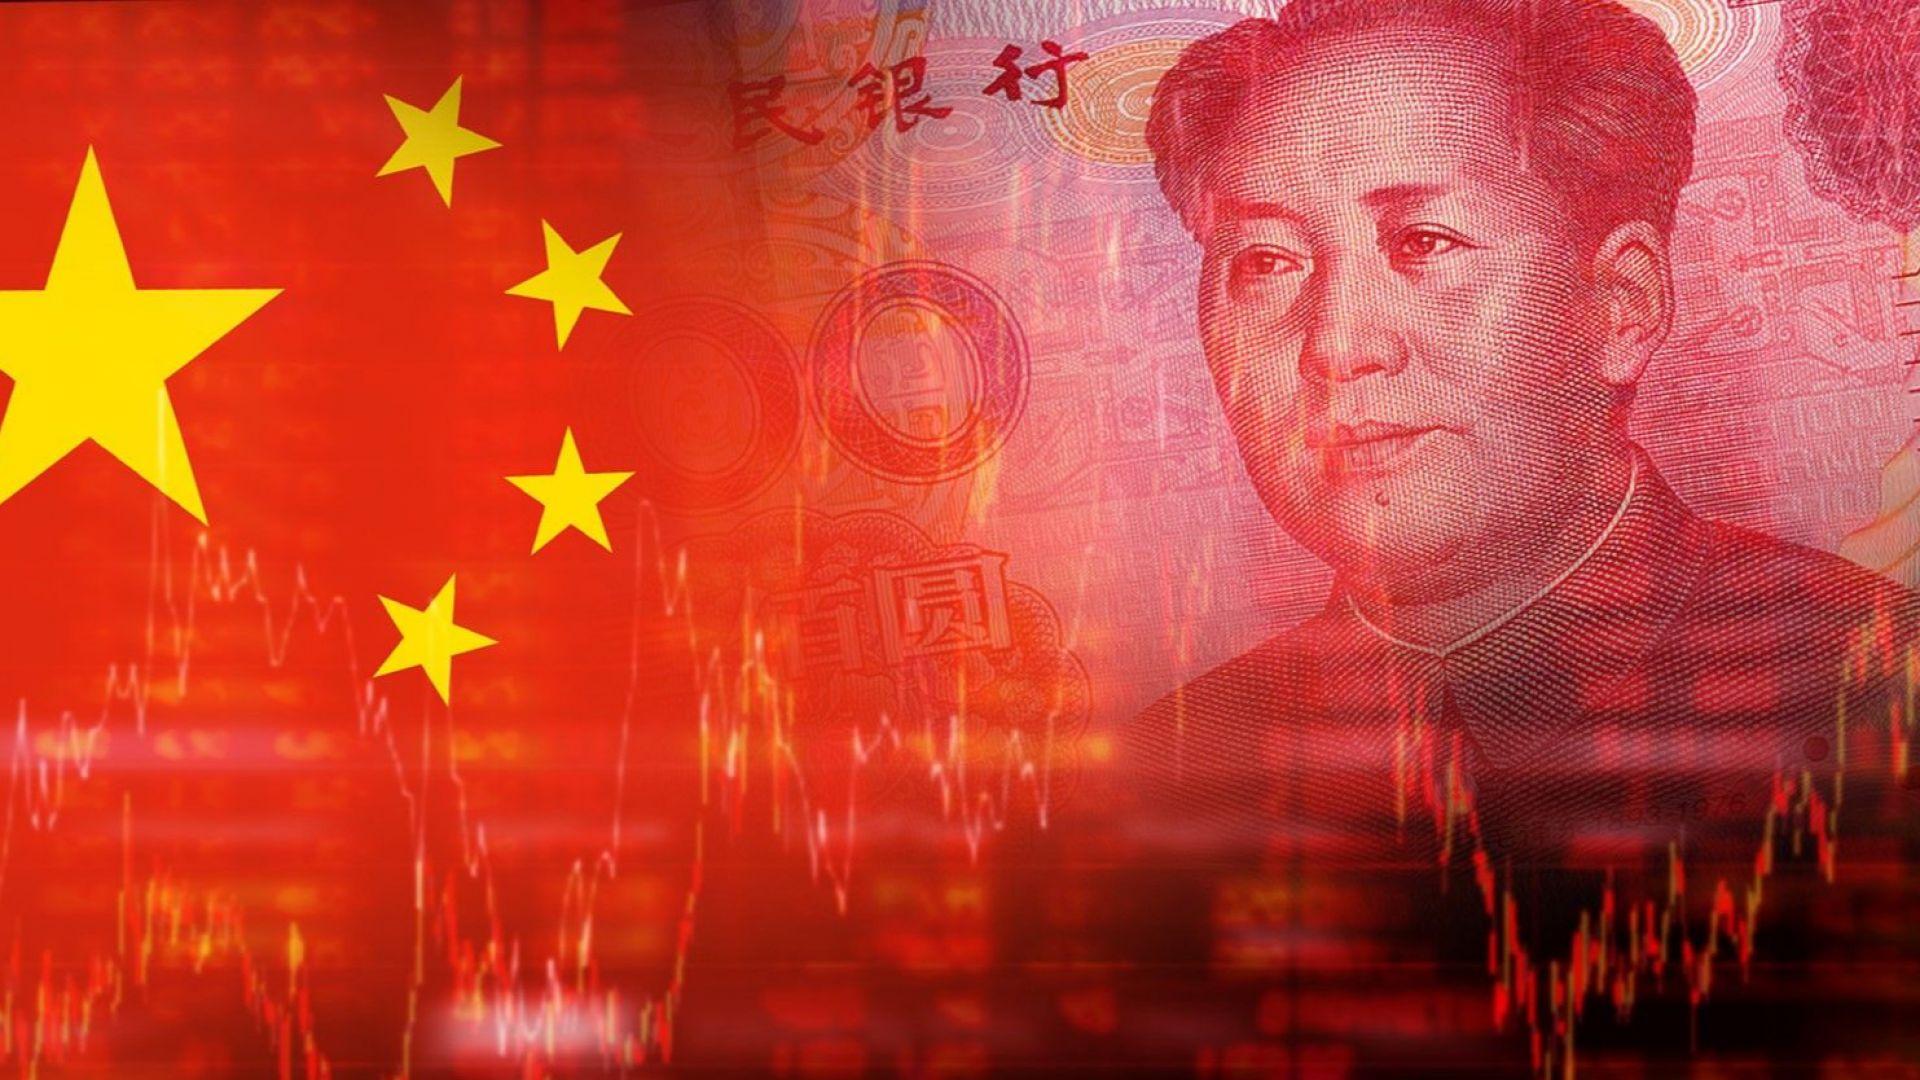 Пекин хвърля валутните си резерви, за да спре поевтиняването на юана